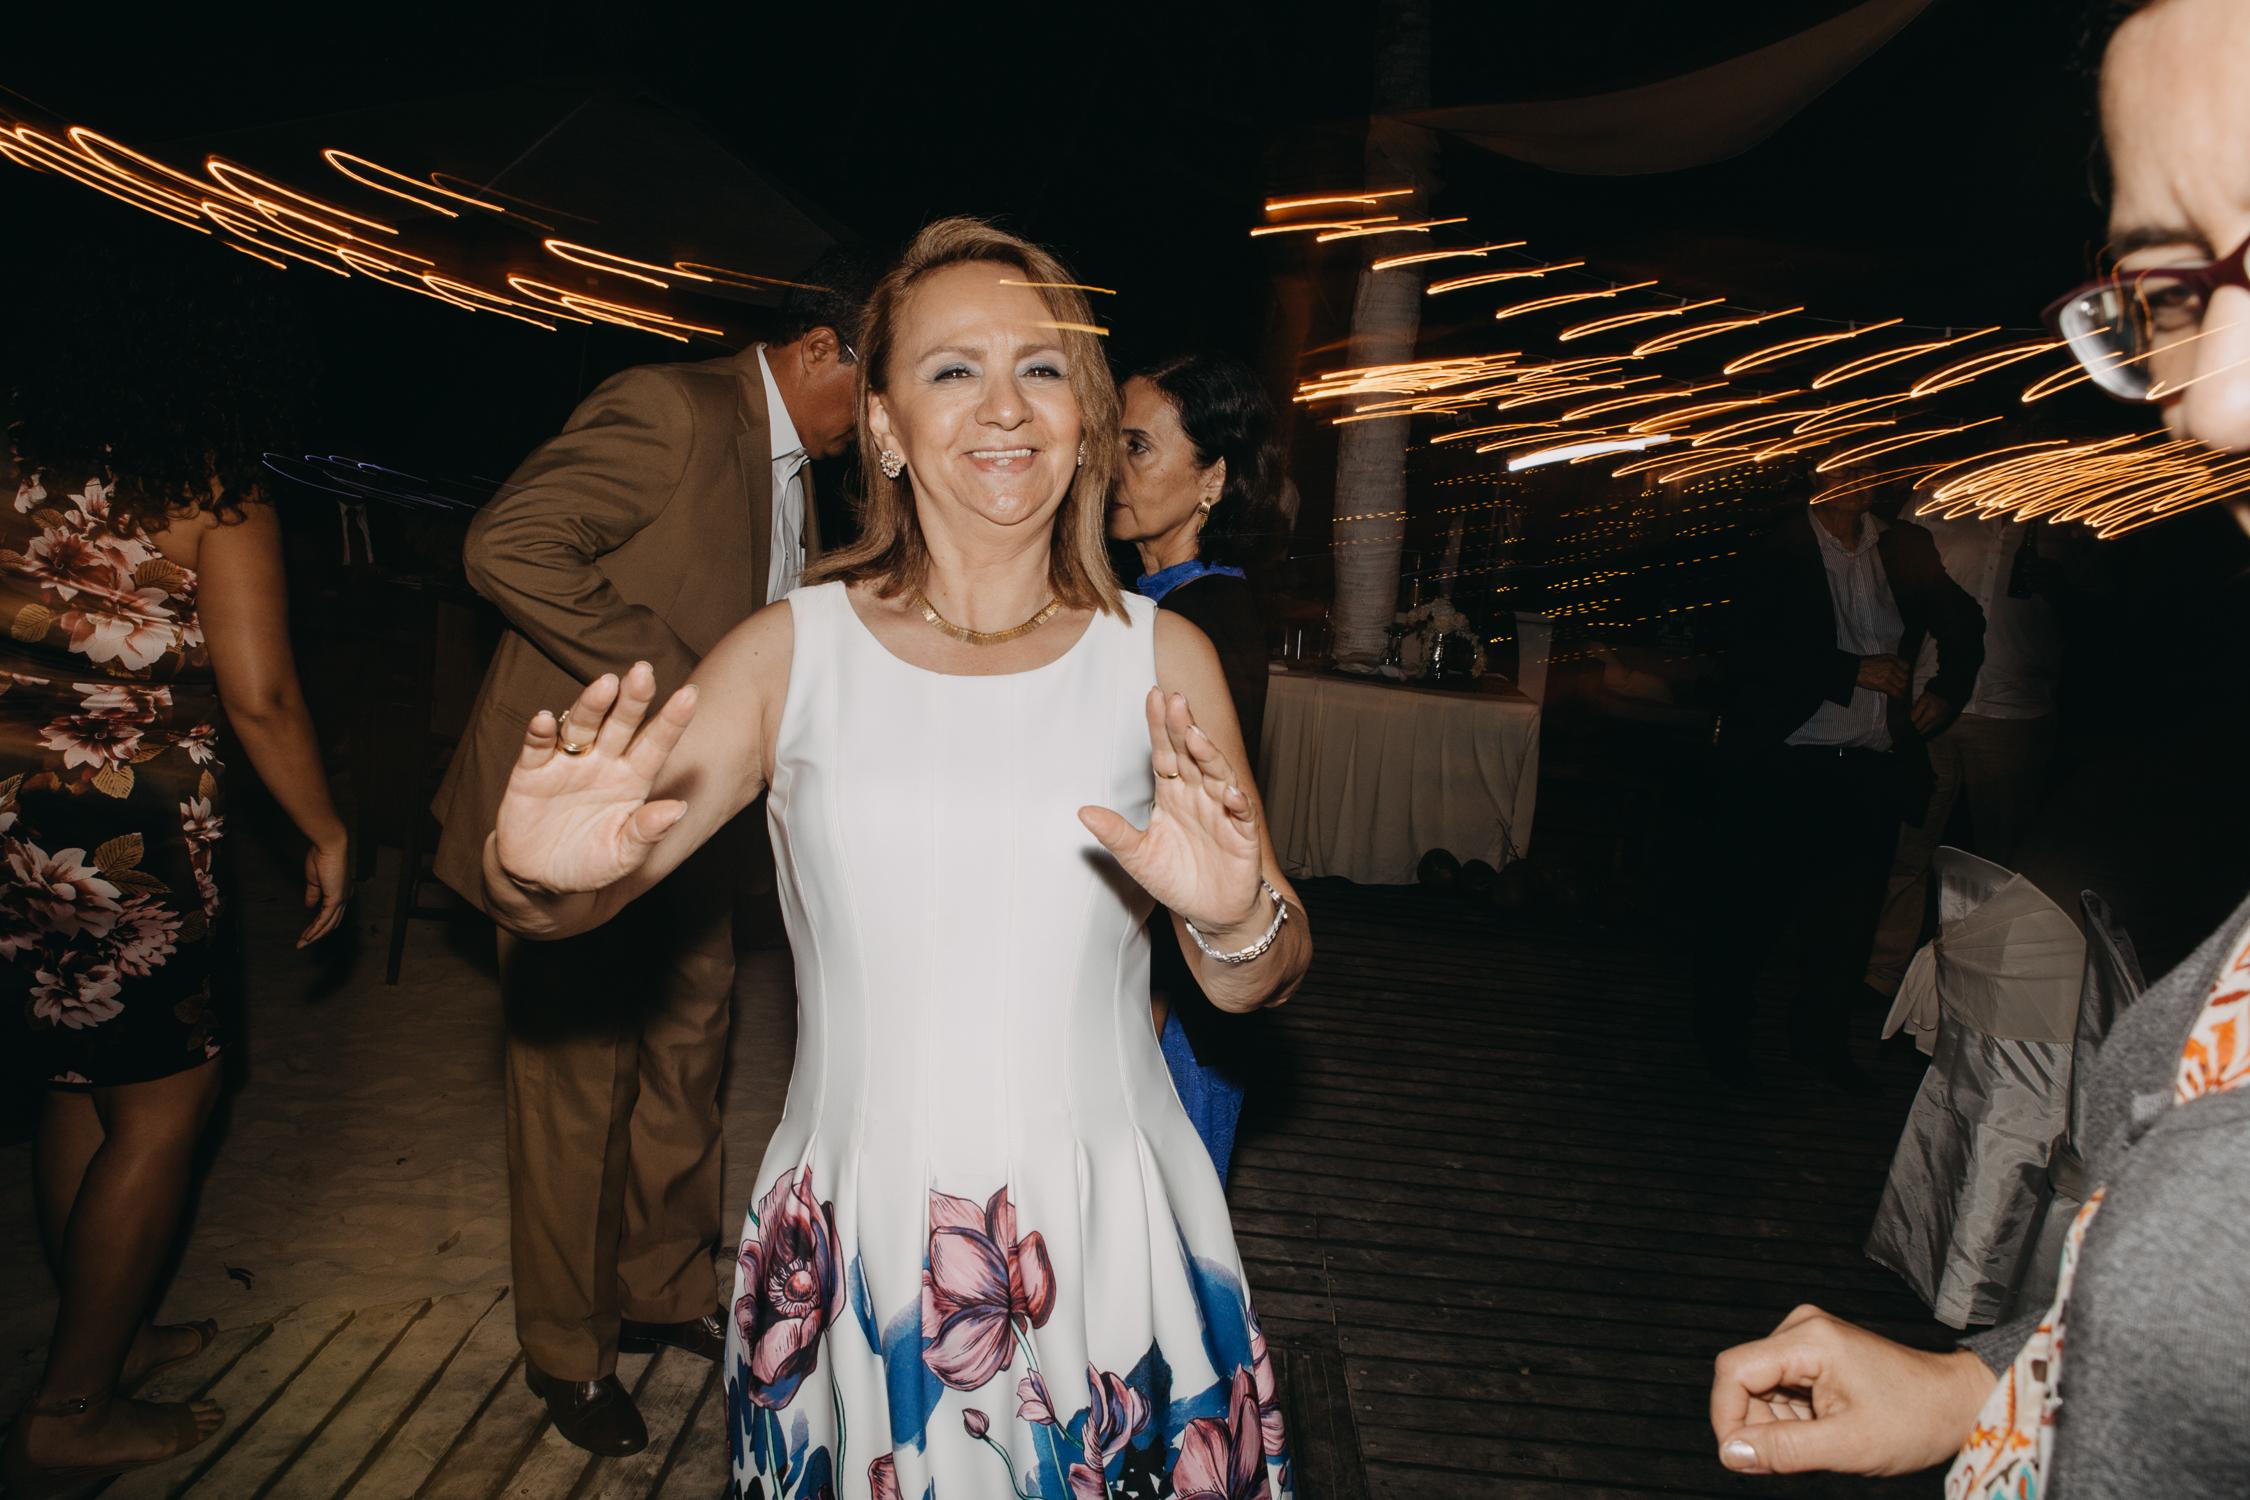 Michelle-Agurto-Fotografia-Bodas-Ecuador-Destination-Wedding-Photographer-Galapagos-Andrea-Joaquin-426.JPG